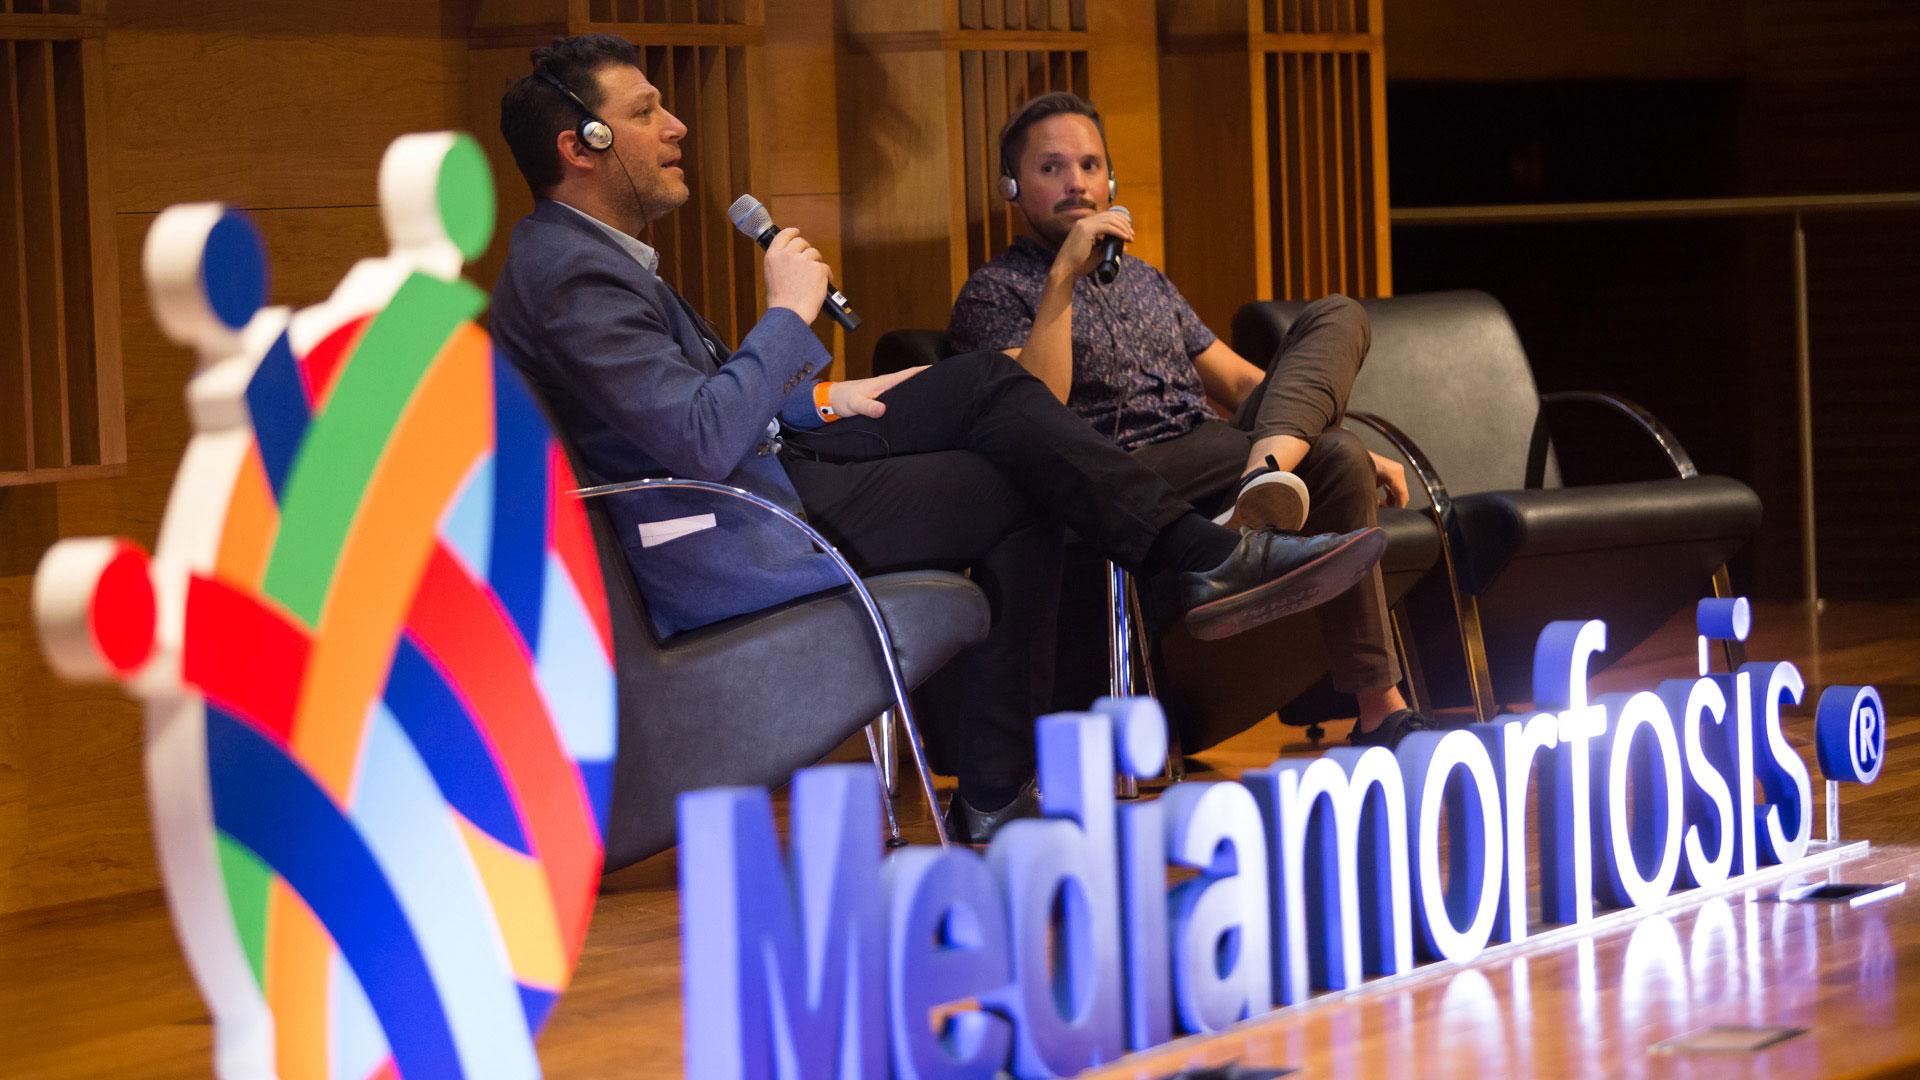 El evento de Mediamorfosis se realizará los días 30 y 31 de agosto en el Centro Cultural de la Ciencia -Godoy Cruz 2270-.